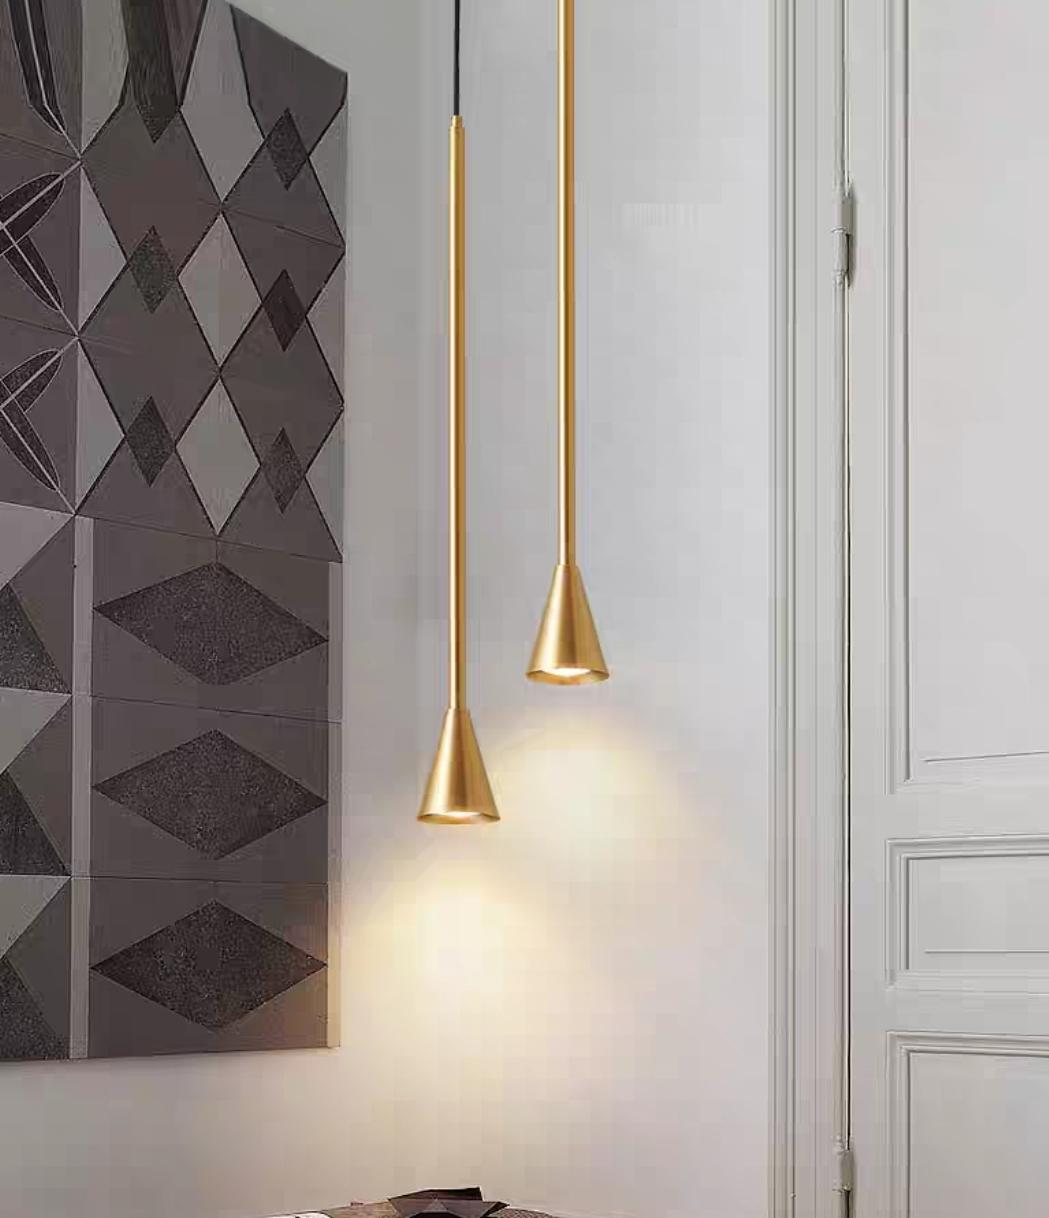 Fald светильник подвесной точечный